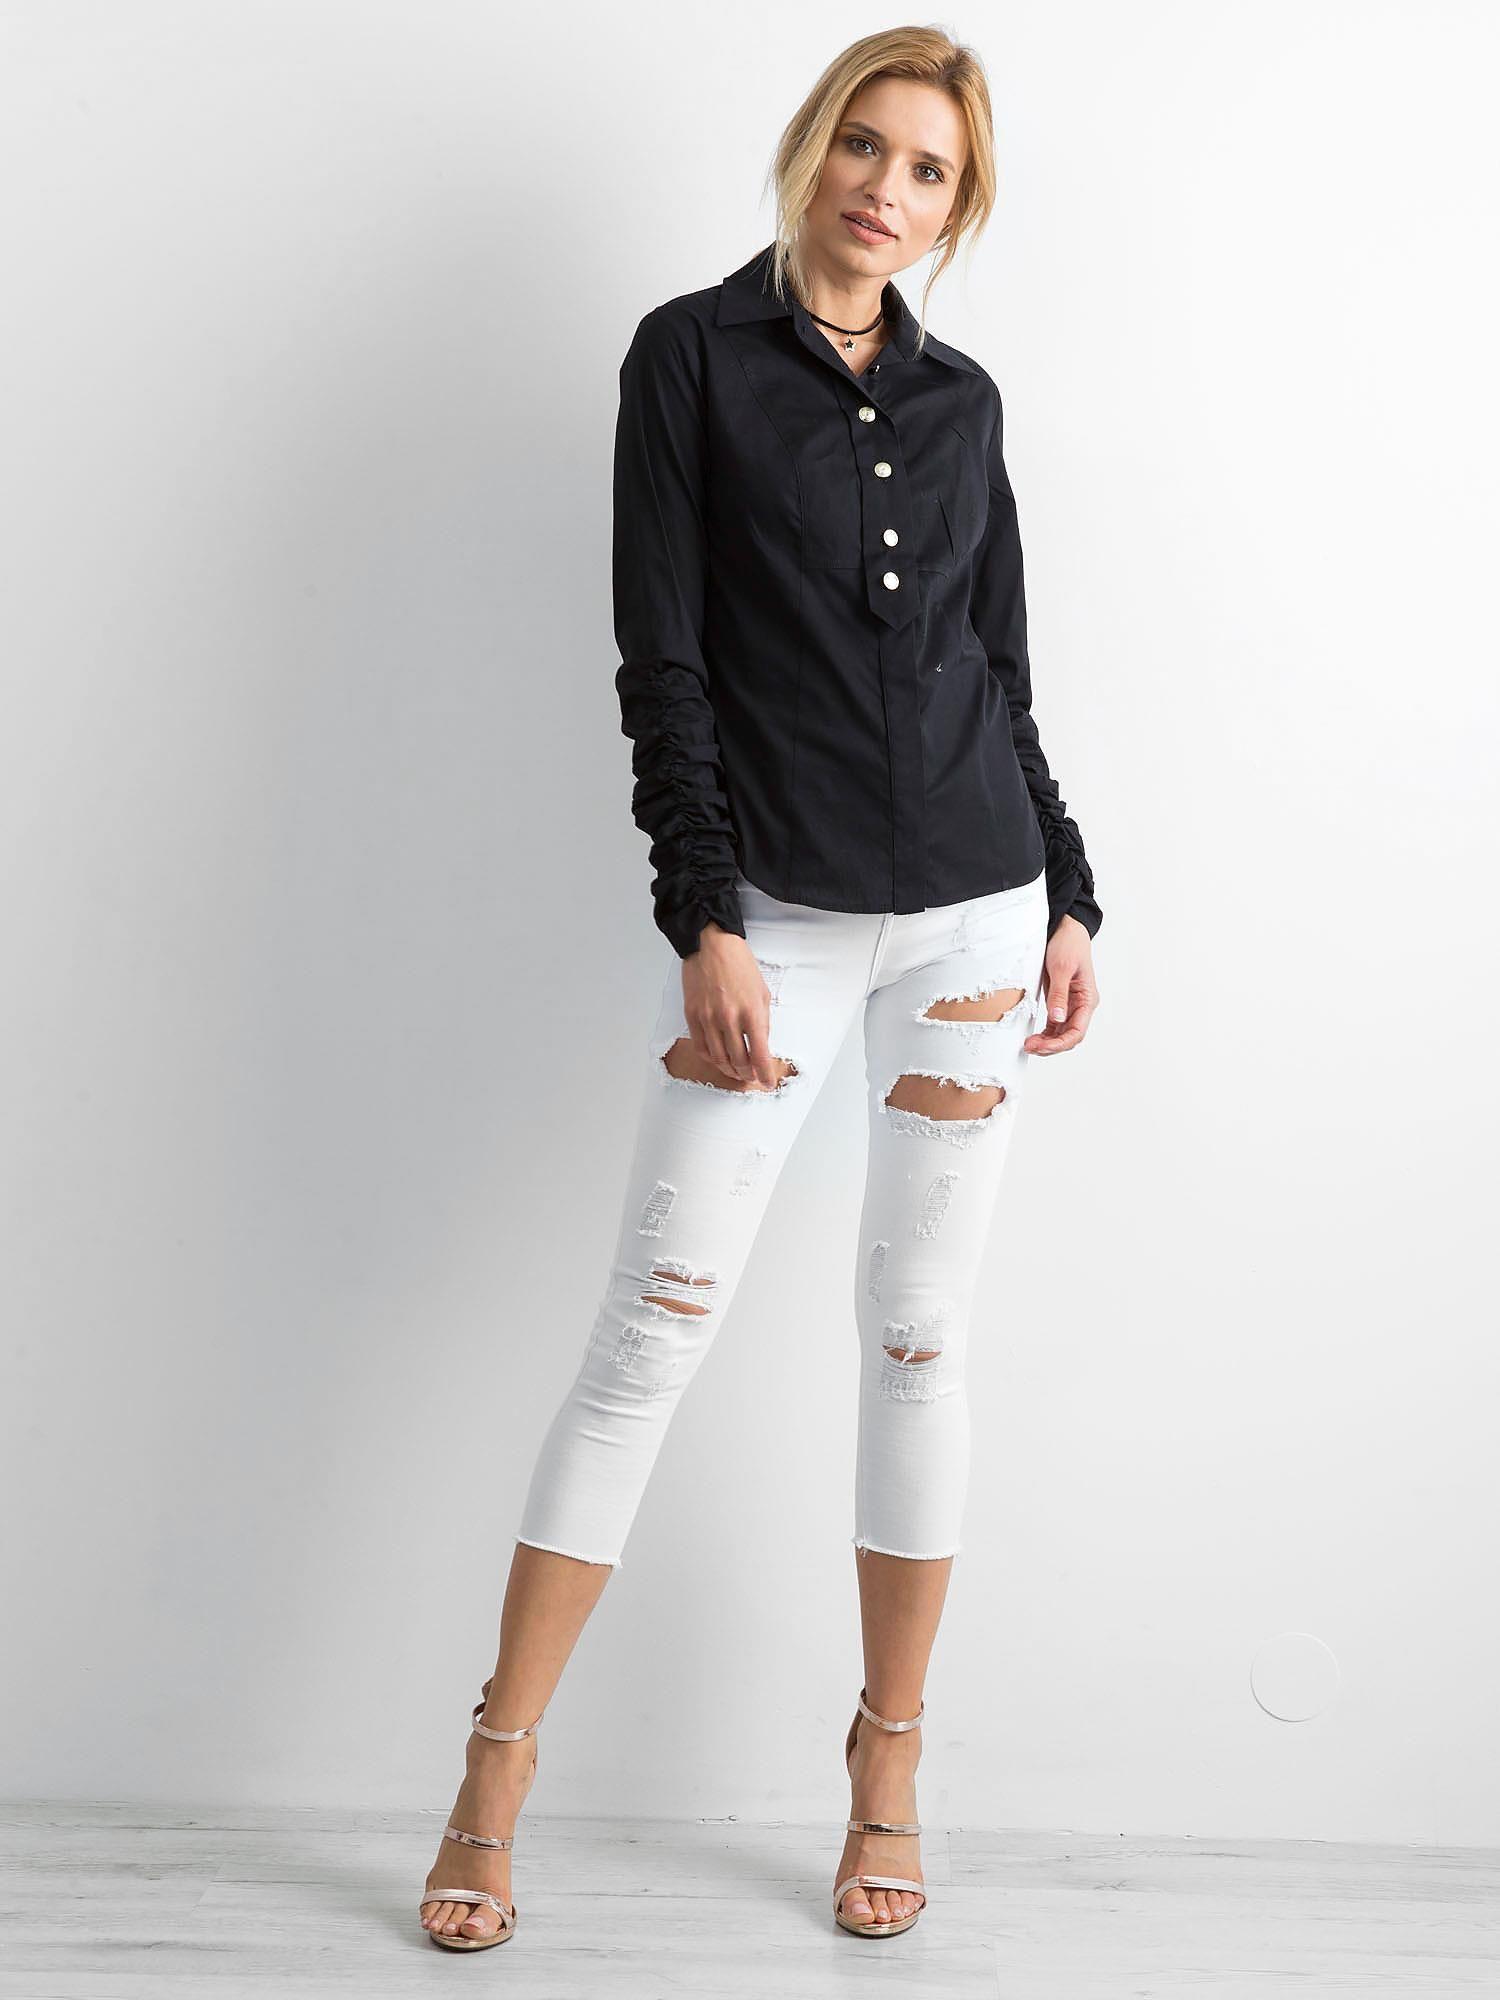 6b0006bddd6690 BY O LA LA Czarna koszula damska - Koszula klasyczna - sklep eButik.pl